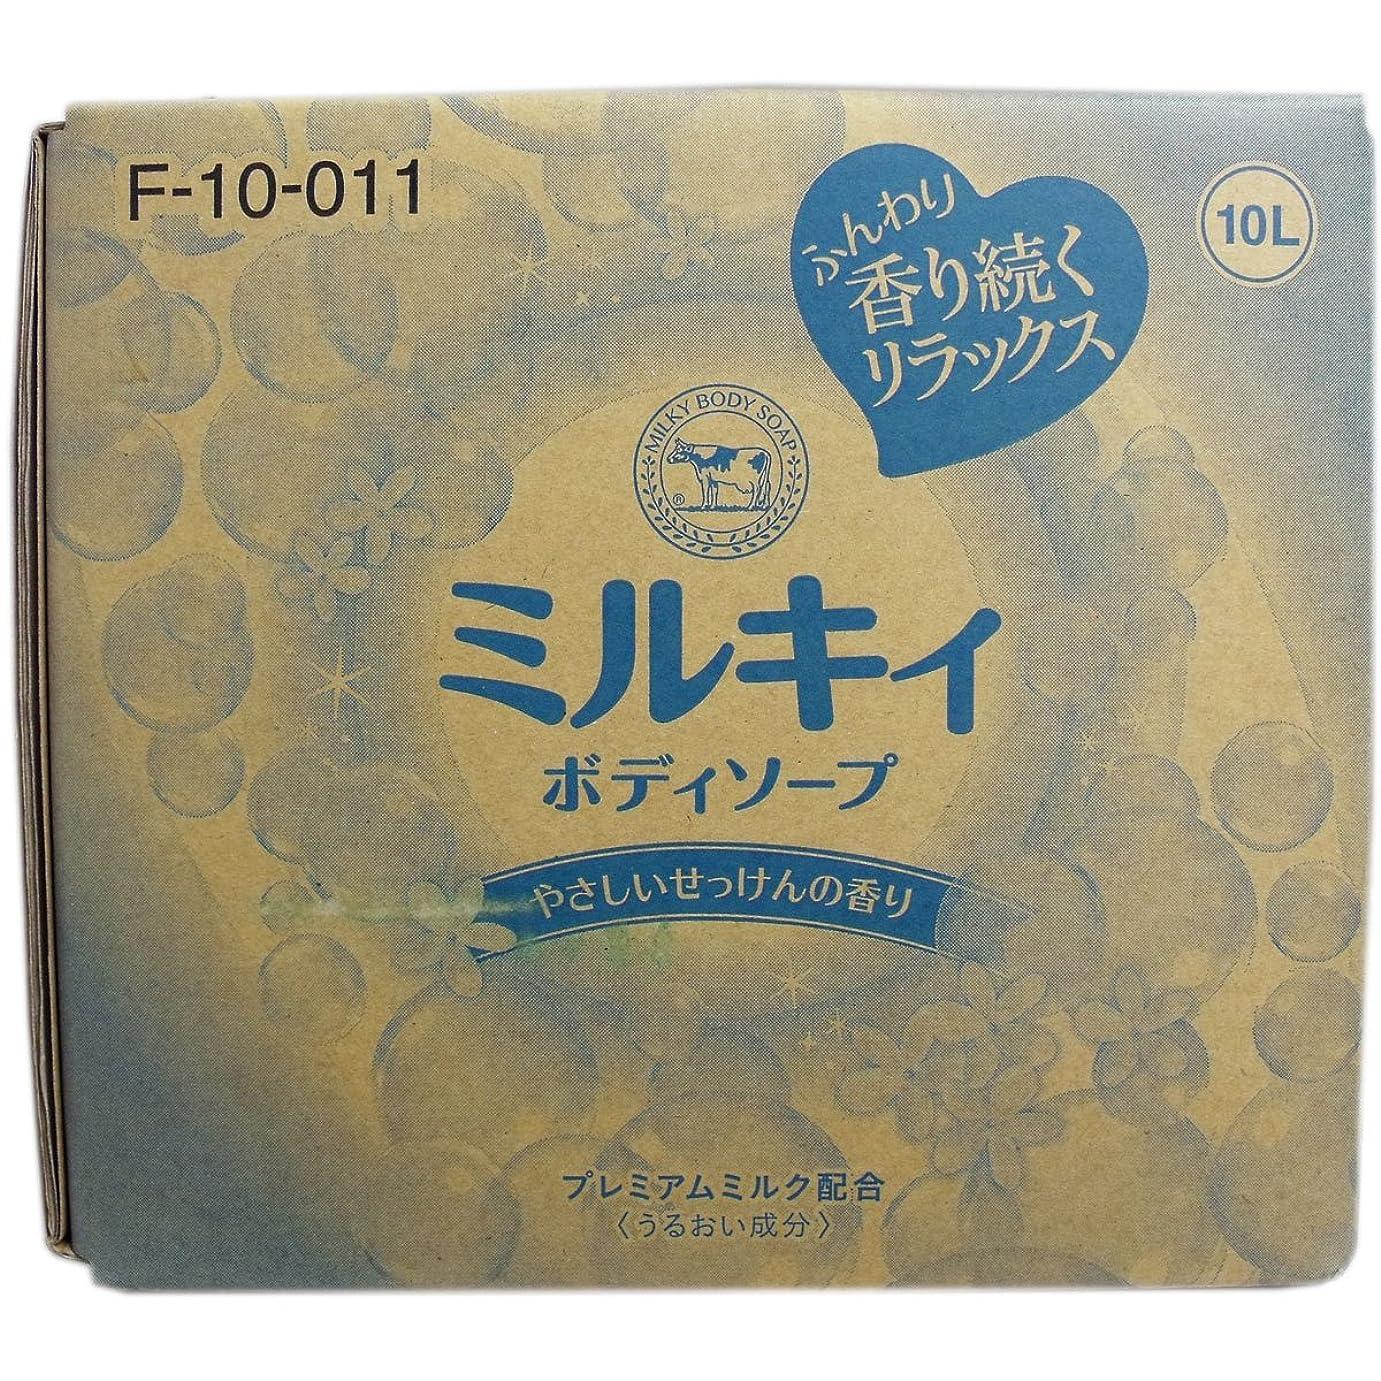 ユーモラスおもしろい父方のミルキィ ボディソープ やさしいせっけんの香り 業務用 10L